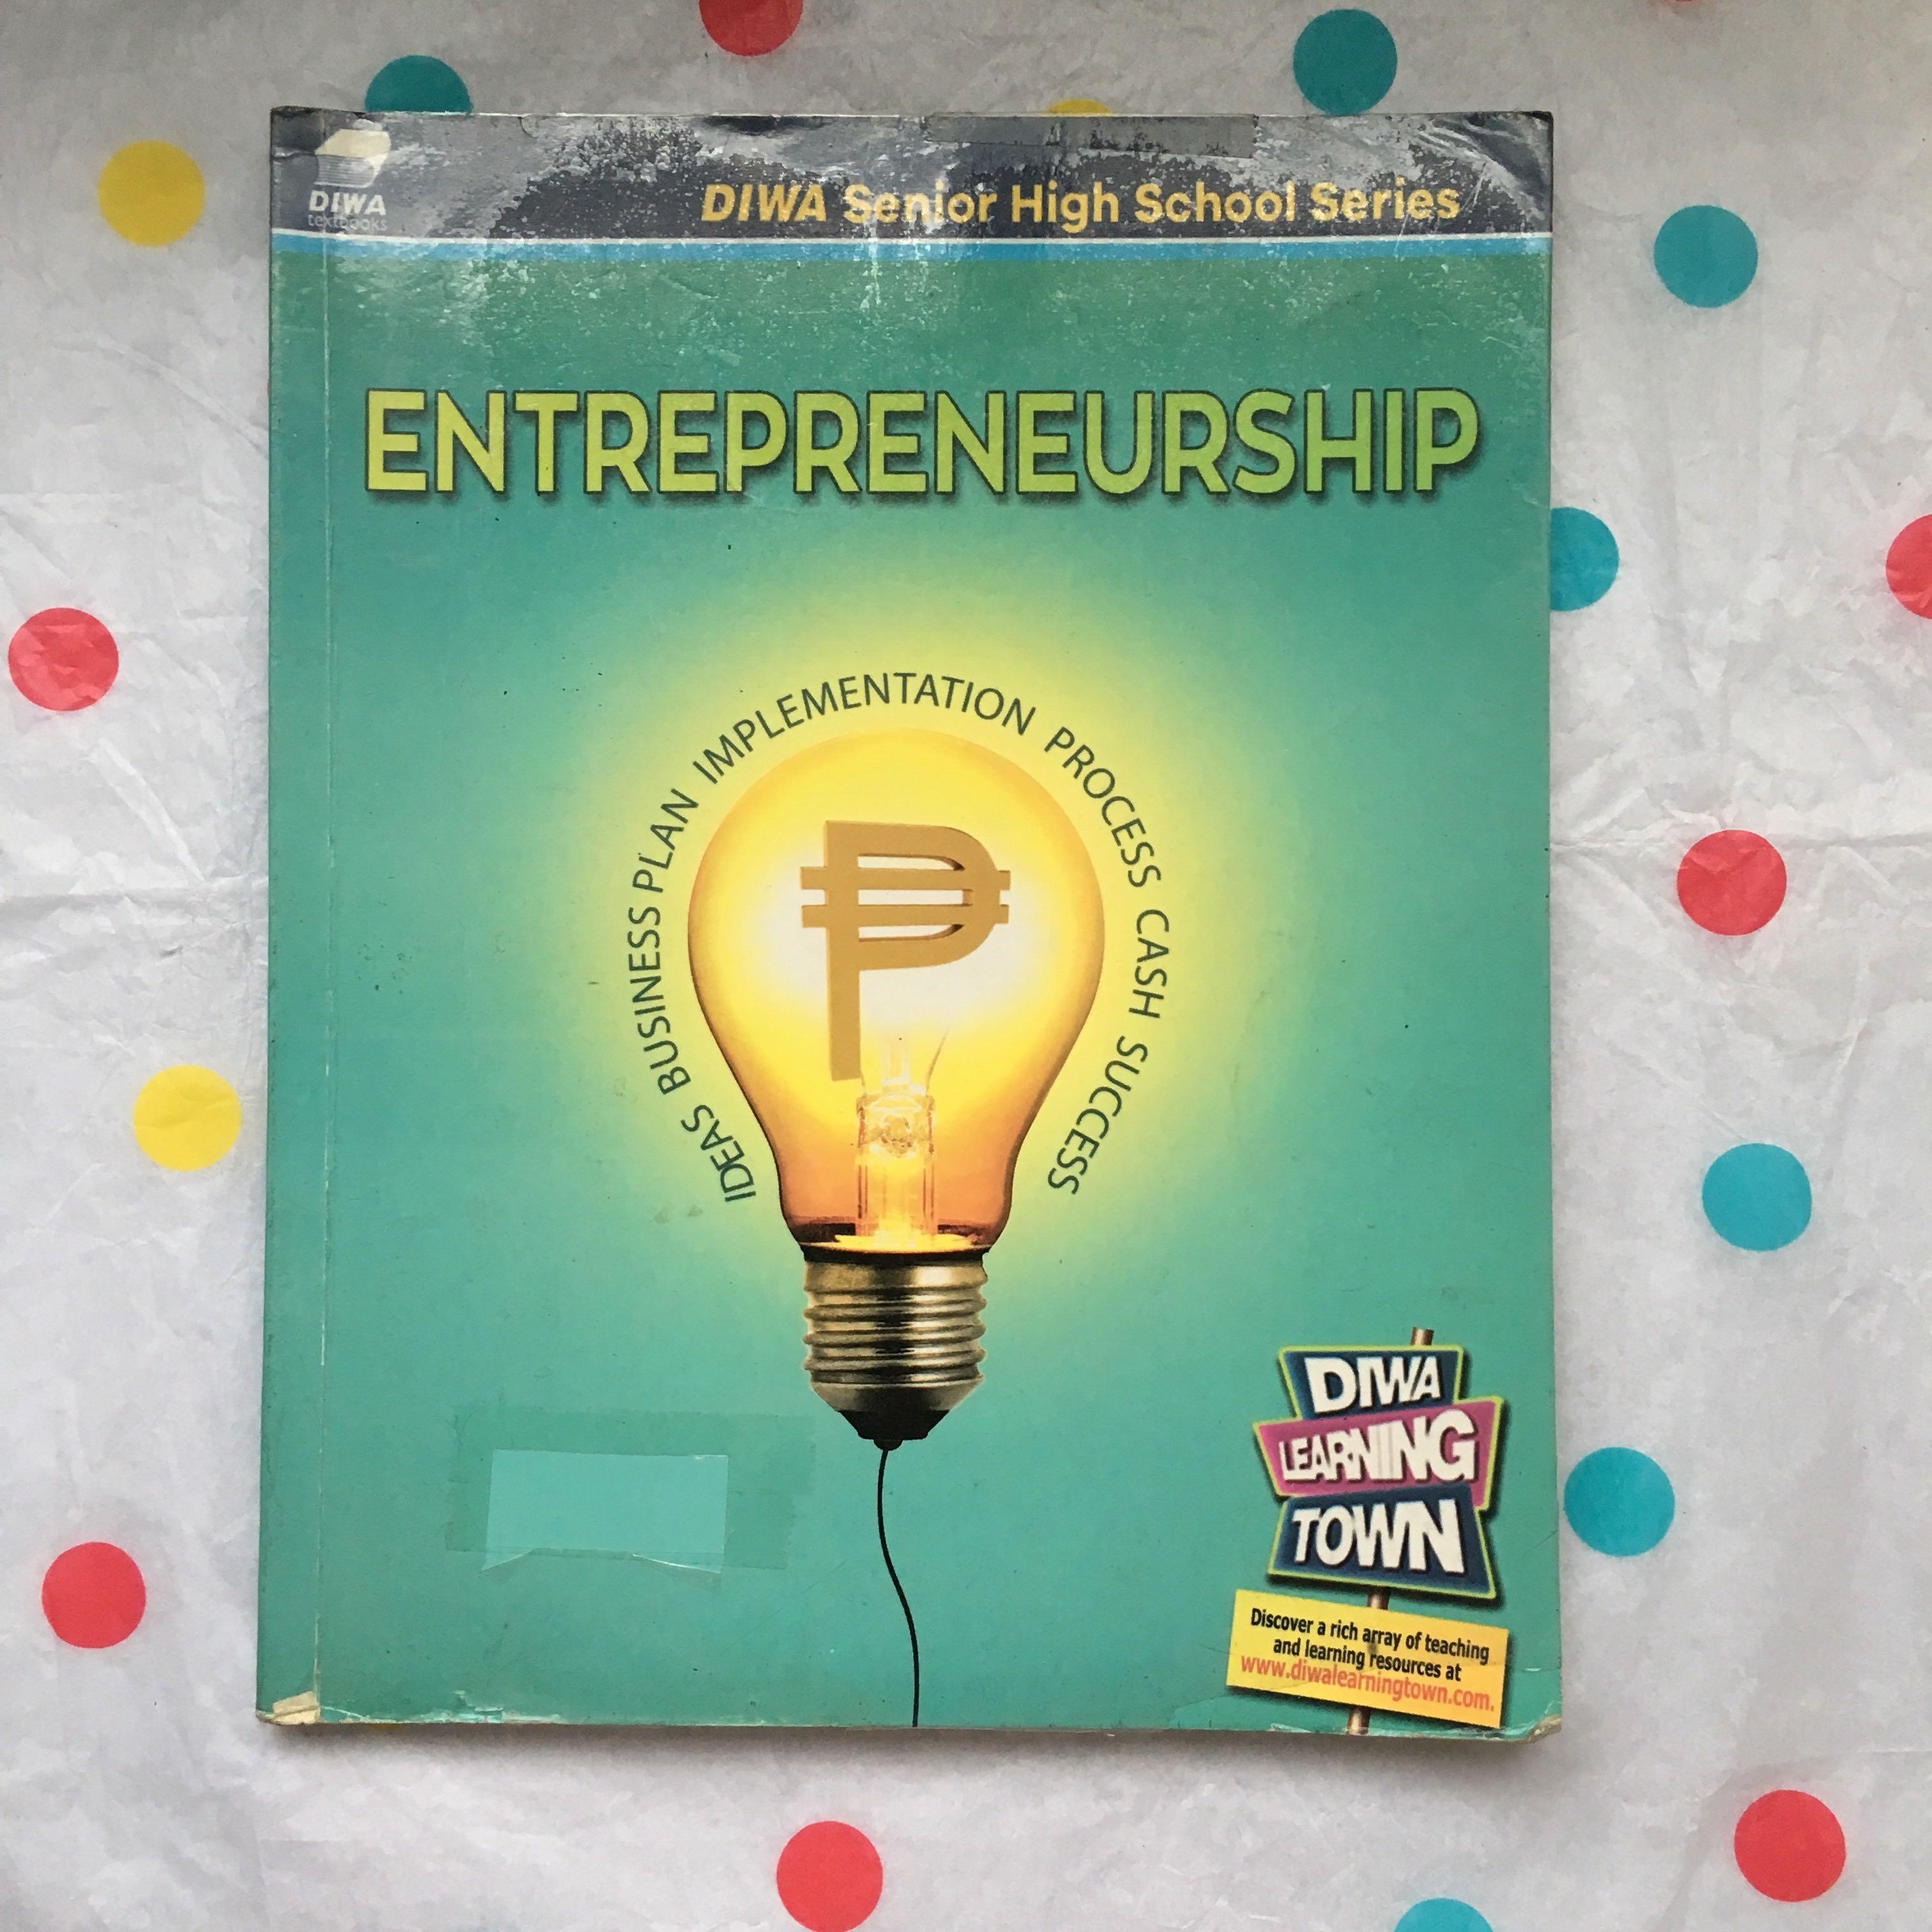 ENTREPRENEURSHIP IDEAS BUSINESS PLAN IMPLEMENTATION PROCESS CASH SUCCESS